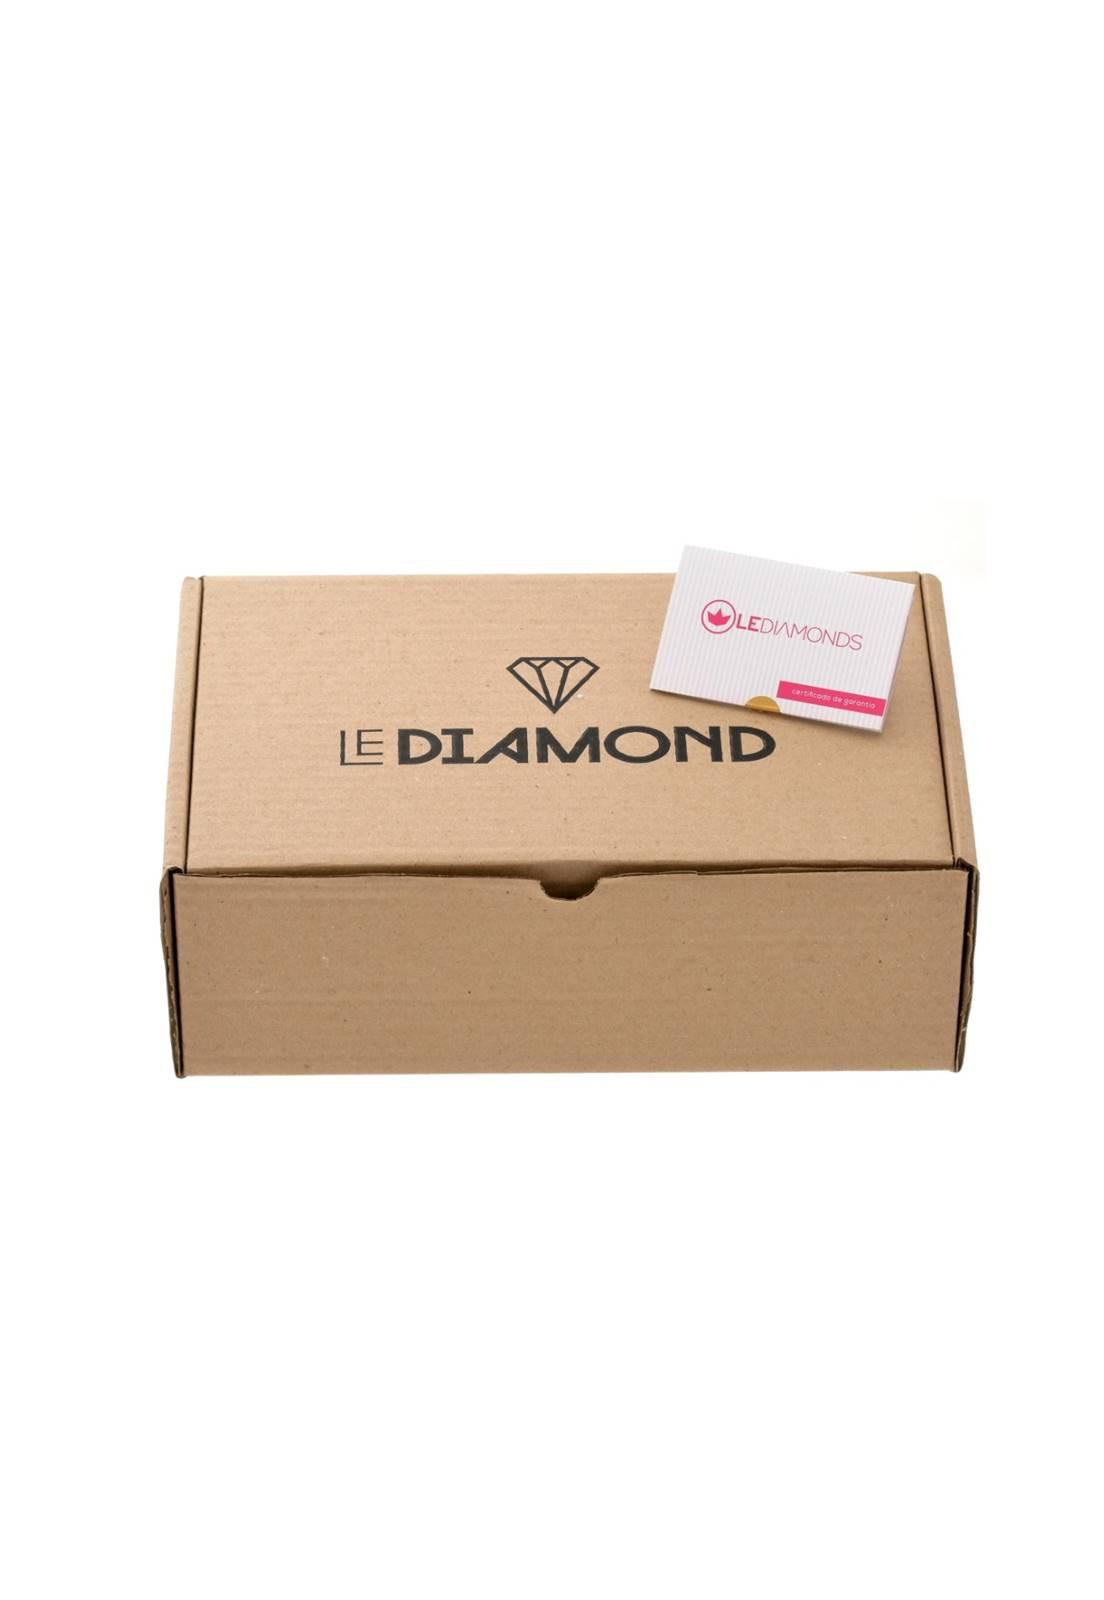 Brinco Le Diamond Flor Grande com Abelha Marrom